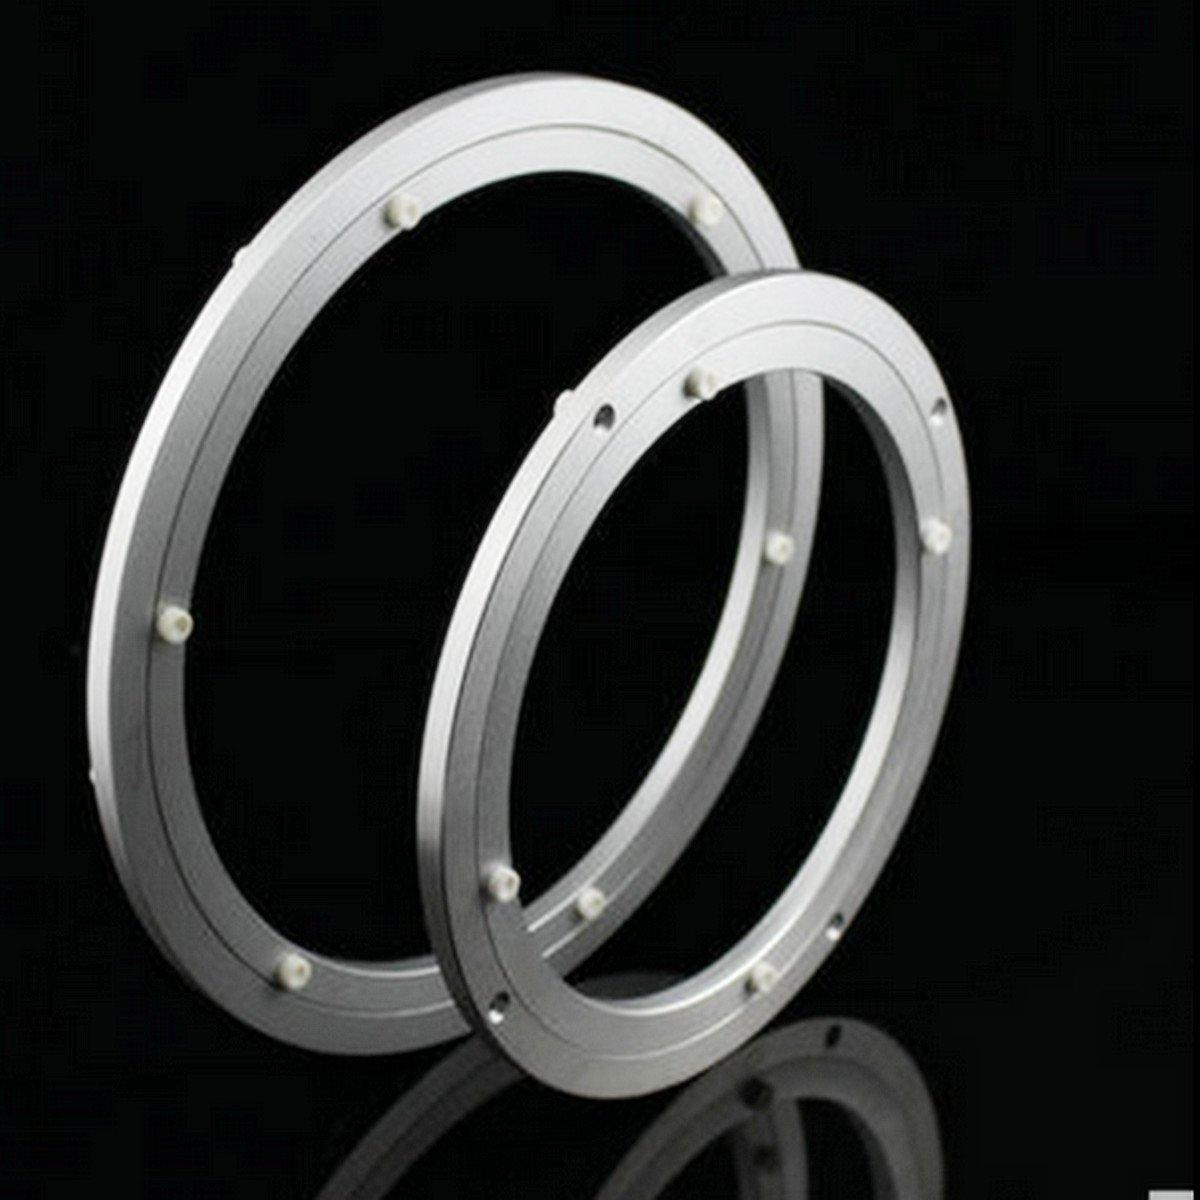 rodamientos de rodillos giratorios de aluminio resistente mesa giratoria redonda con bandeja giratoria 10 In Rodamiento de plataforma giratoria circular DDOQ